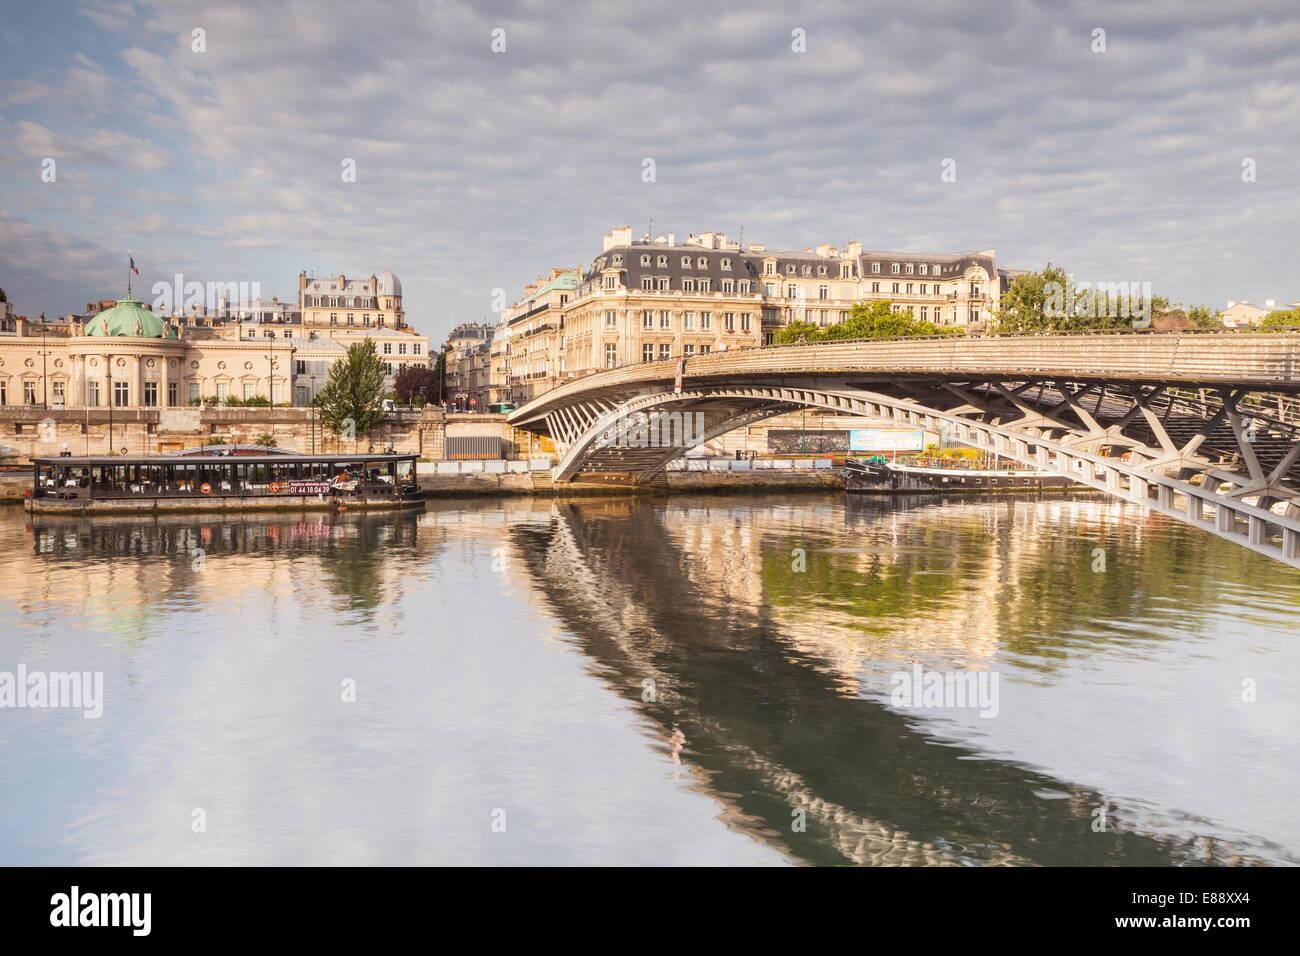 The Passerelle Leopold-Sedar-Senghor, a footbridge over the River Seine, 7th arrondissement, Paris, France Stock Photo